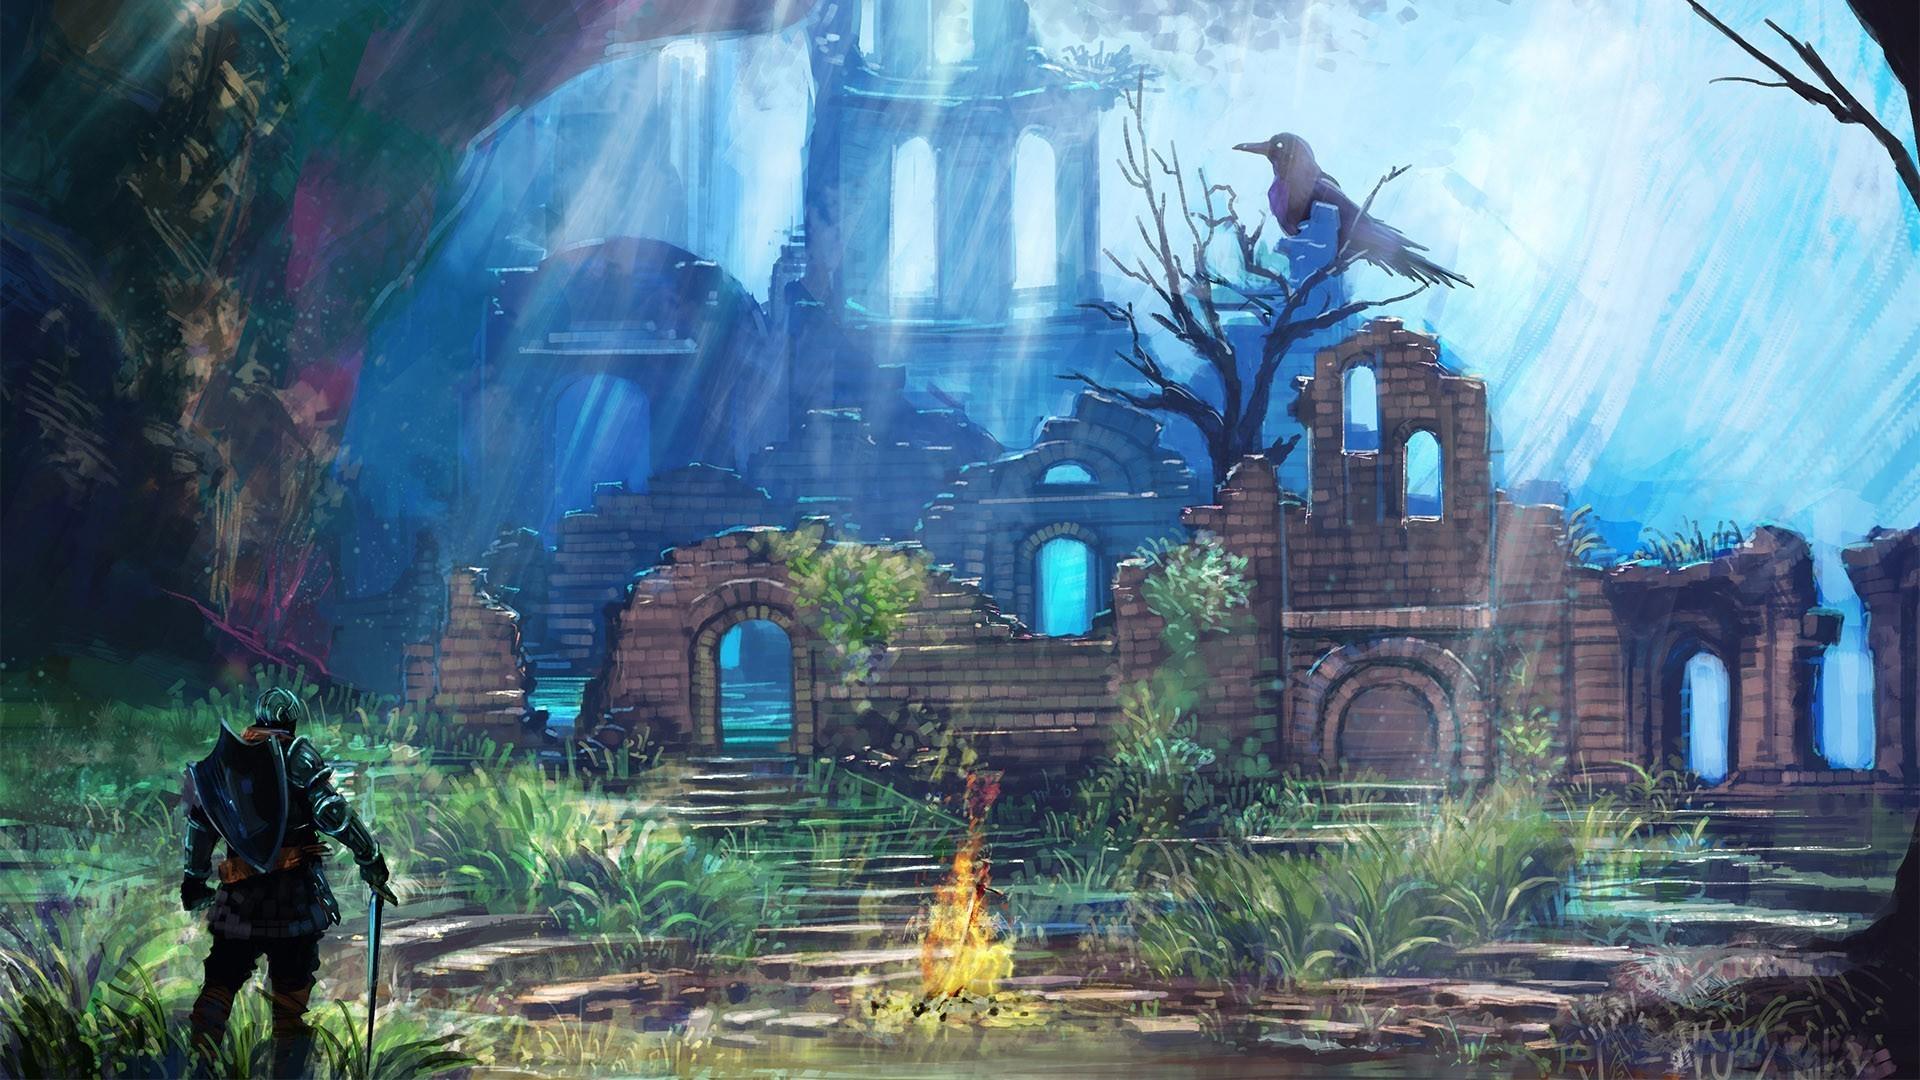 Dark Souls Wallpaper - WallpaperSafari